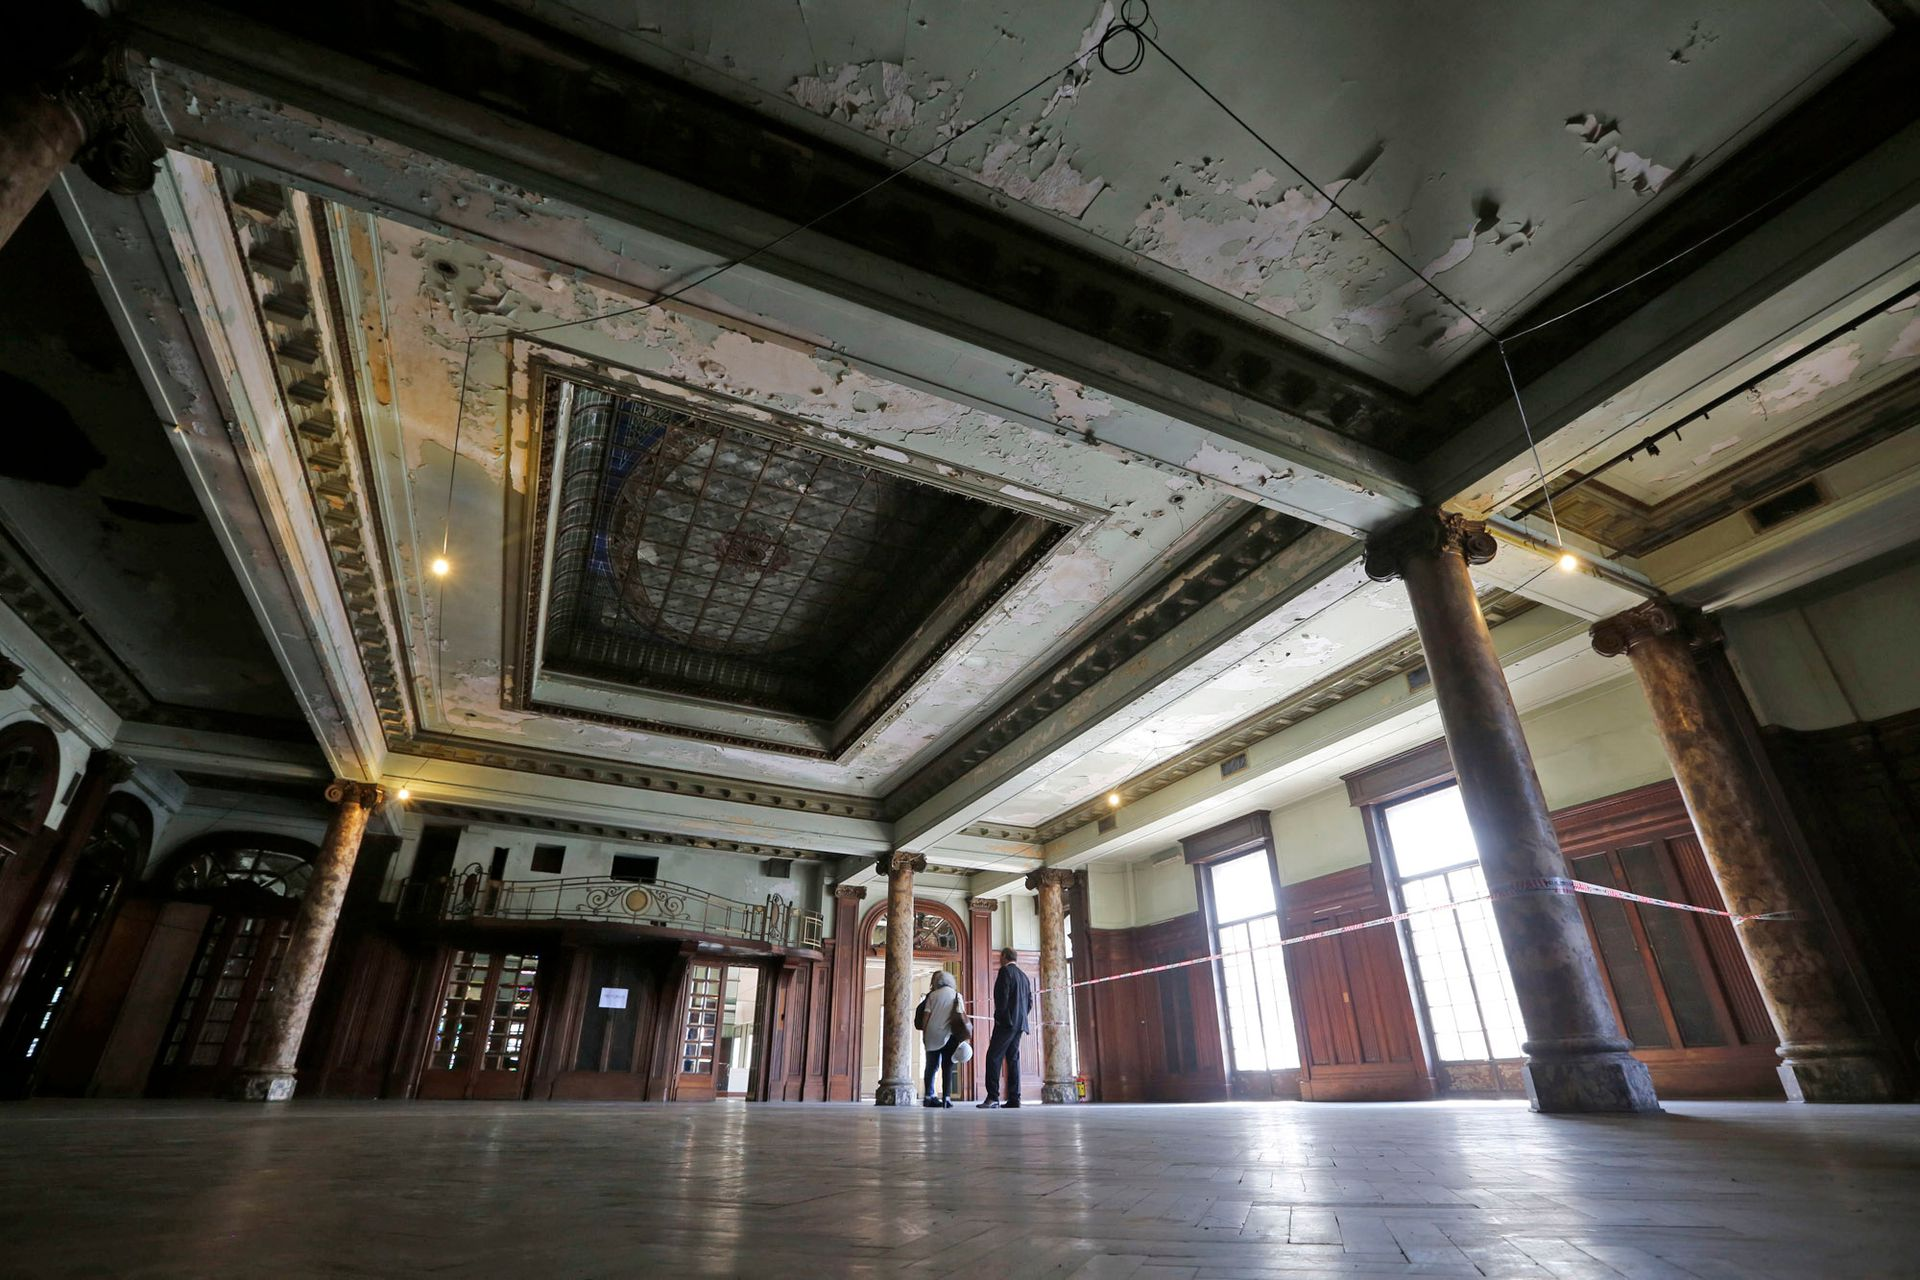 En el interior varios pisos fueron tapados con alfombras, las cuales se van retirando para volver a exhibir la madera